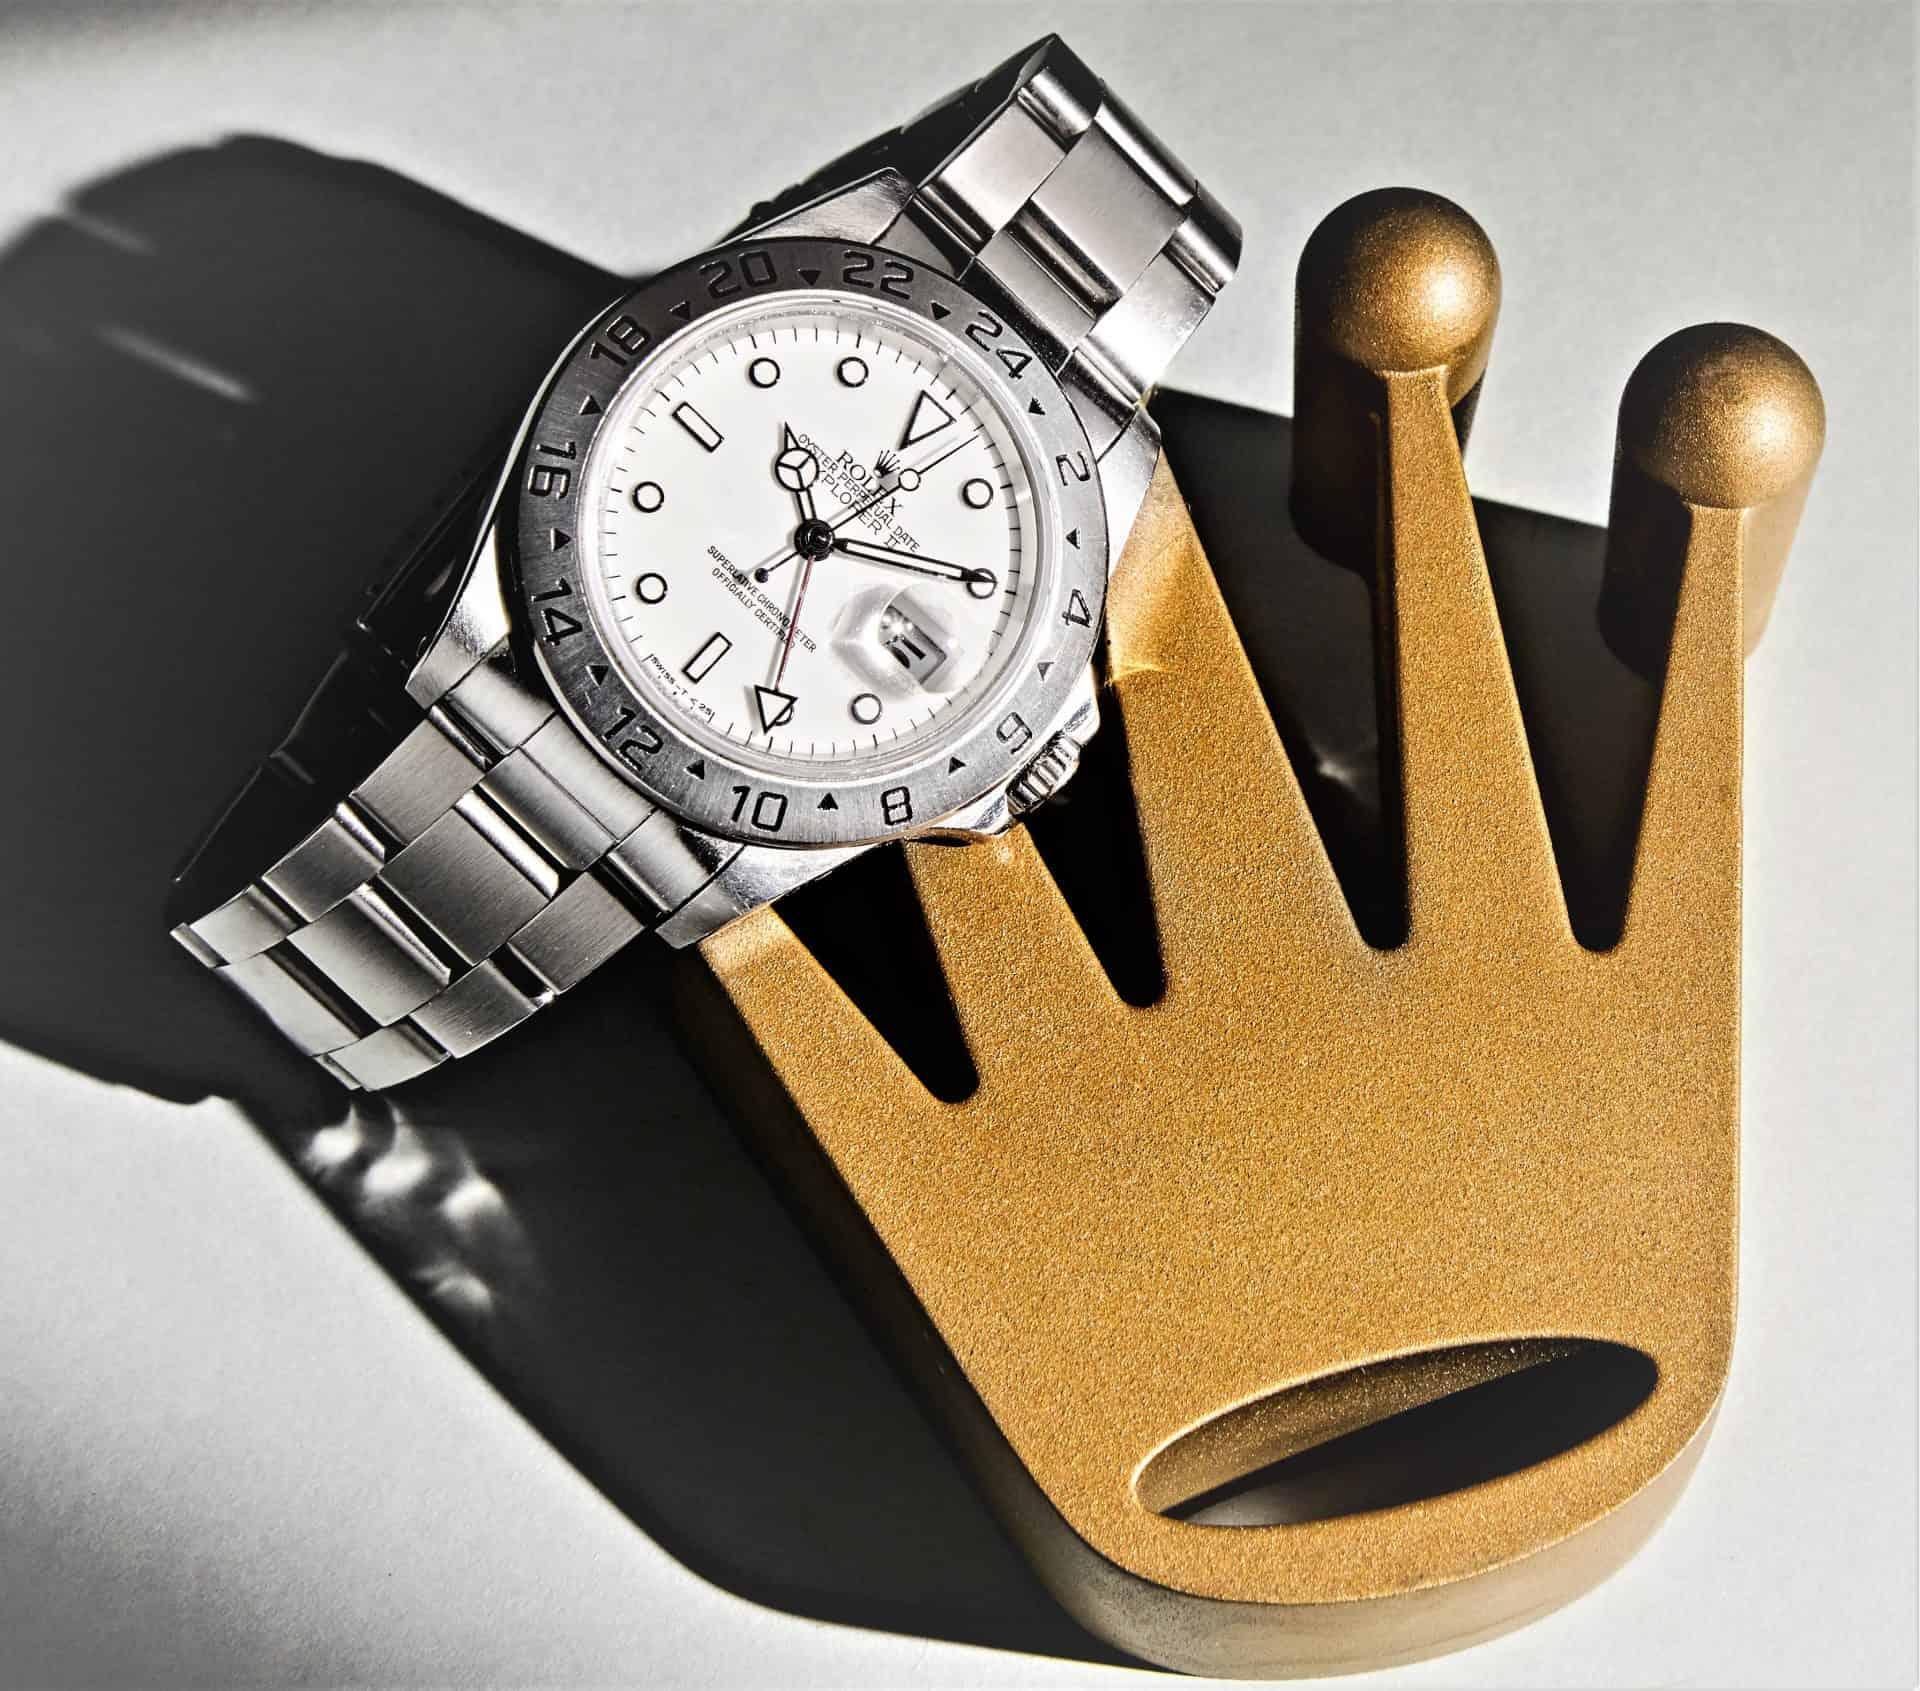 Detailwissen RolexRolex Wissen: 5 Dinge, die Rolex Kenner wissen. Sie auch?